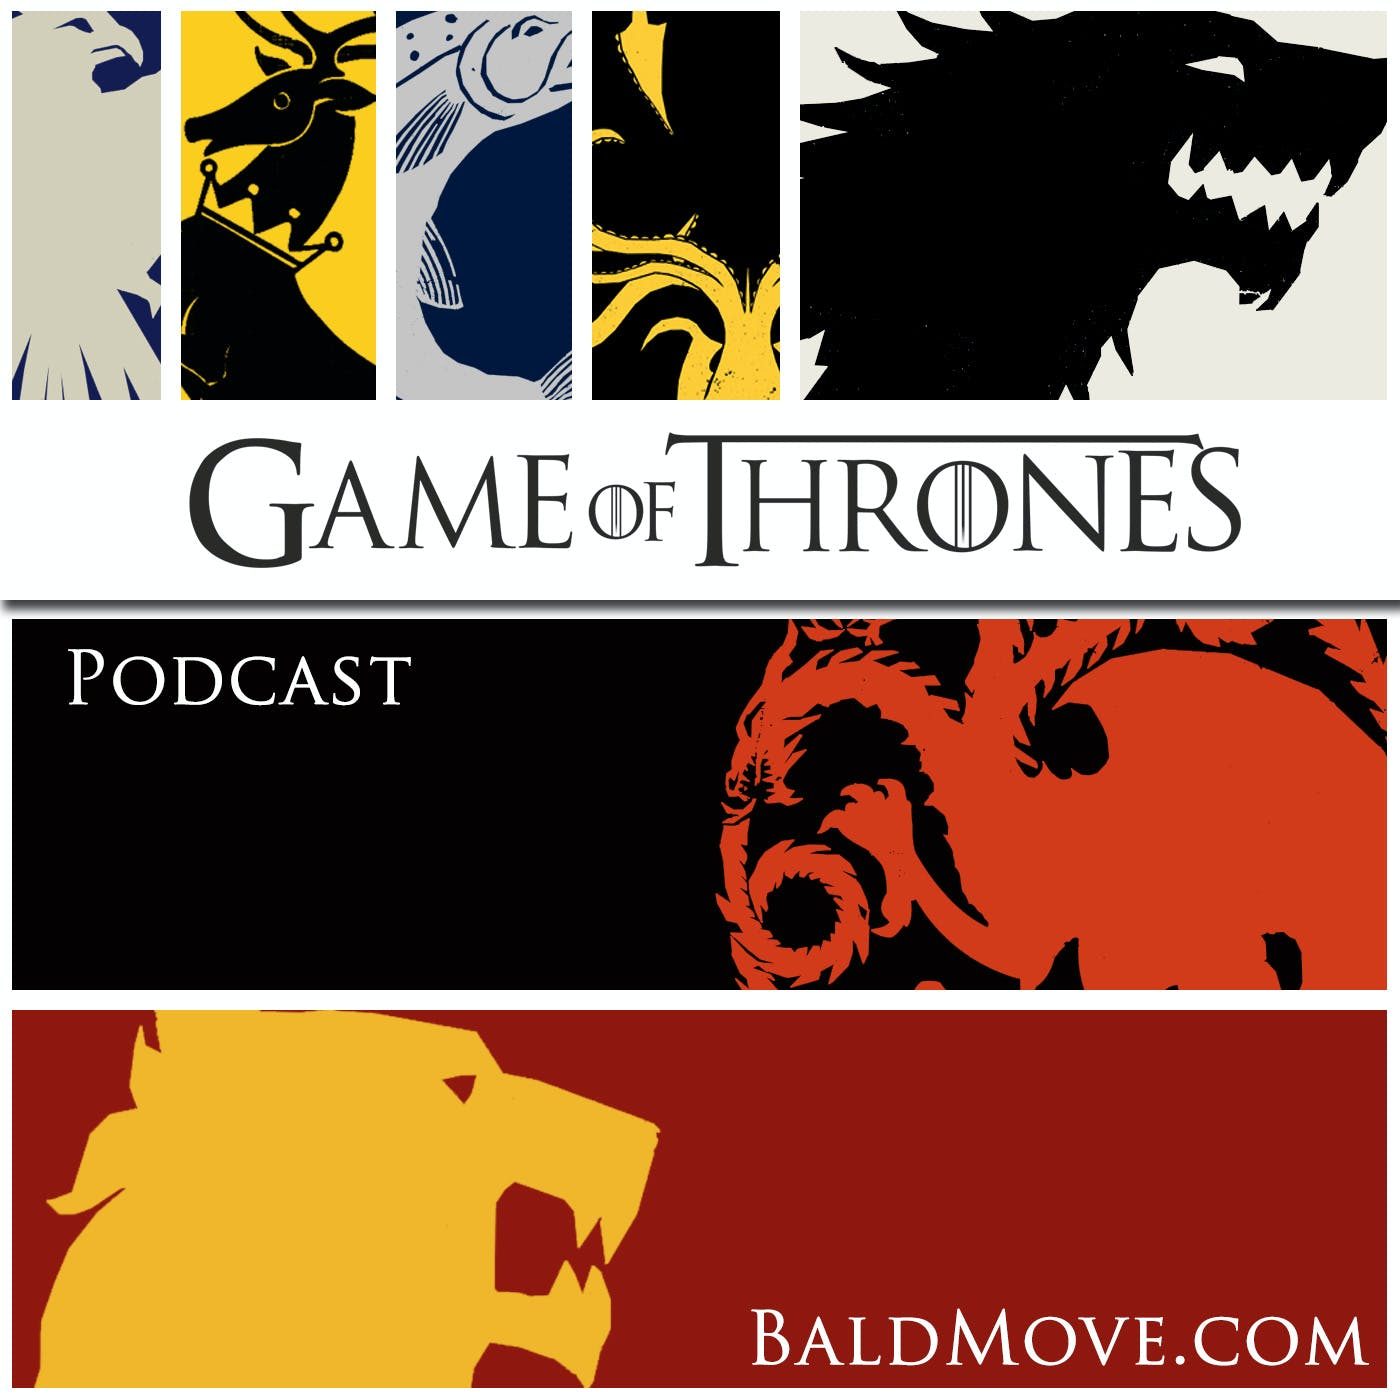 806 - The Iron Throne